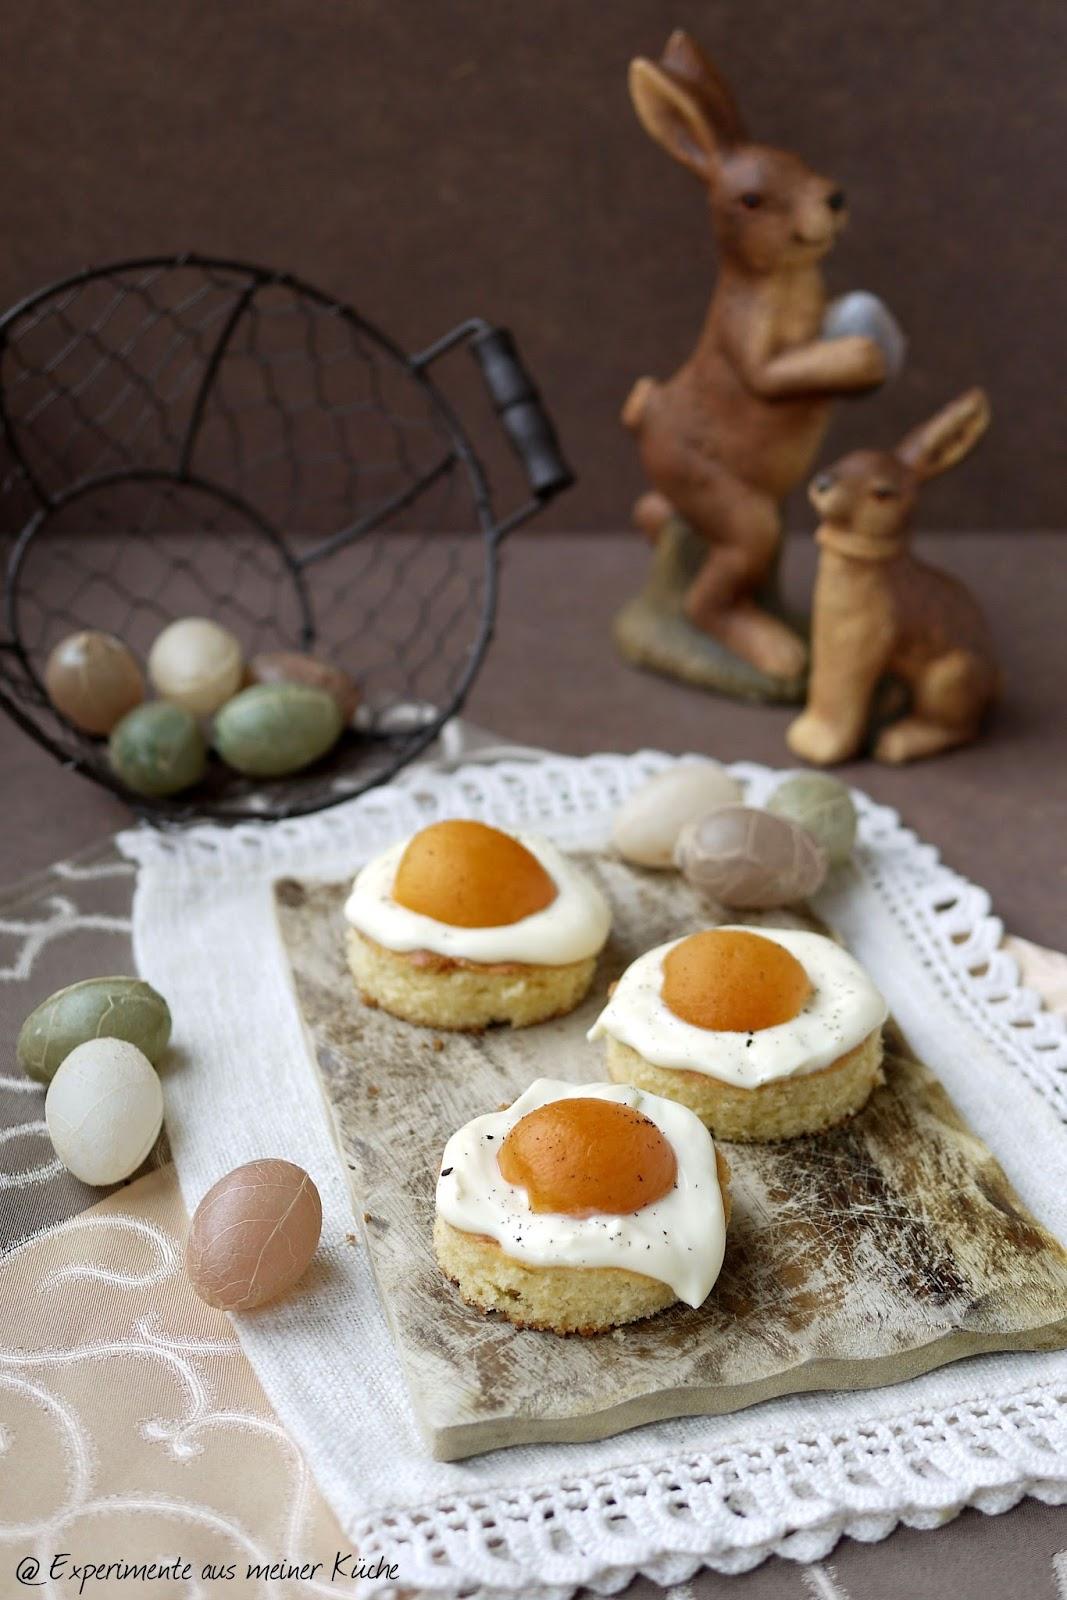 Experimente aus meiner Küche: Spiegeleikuchen #ichbacksmir